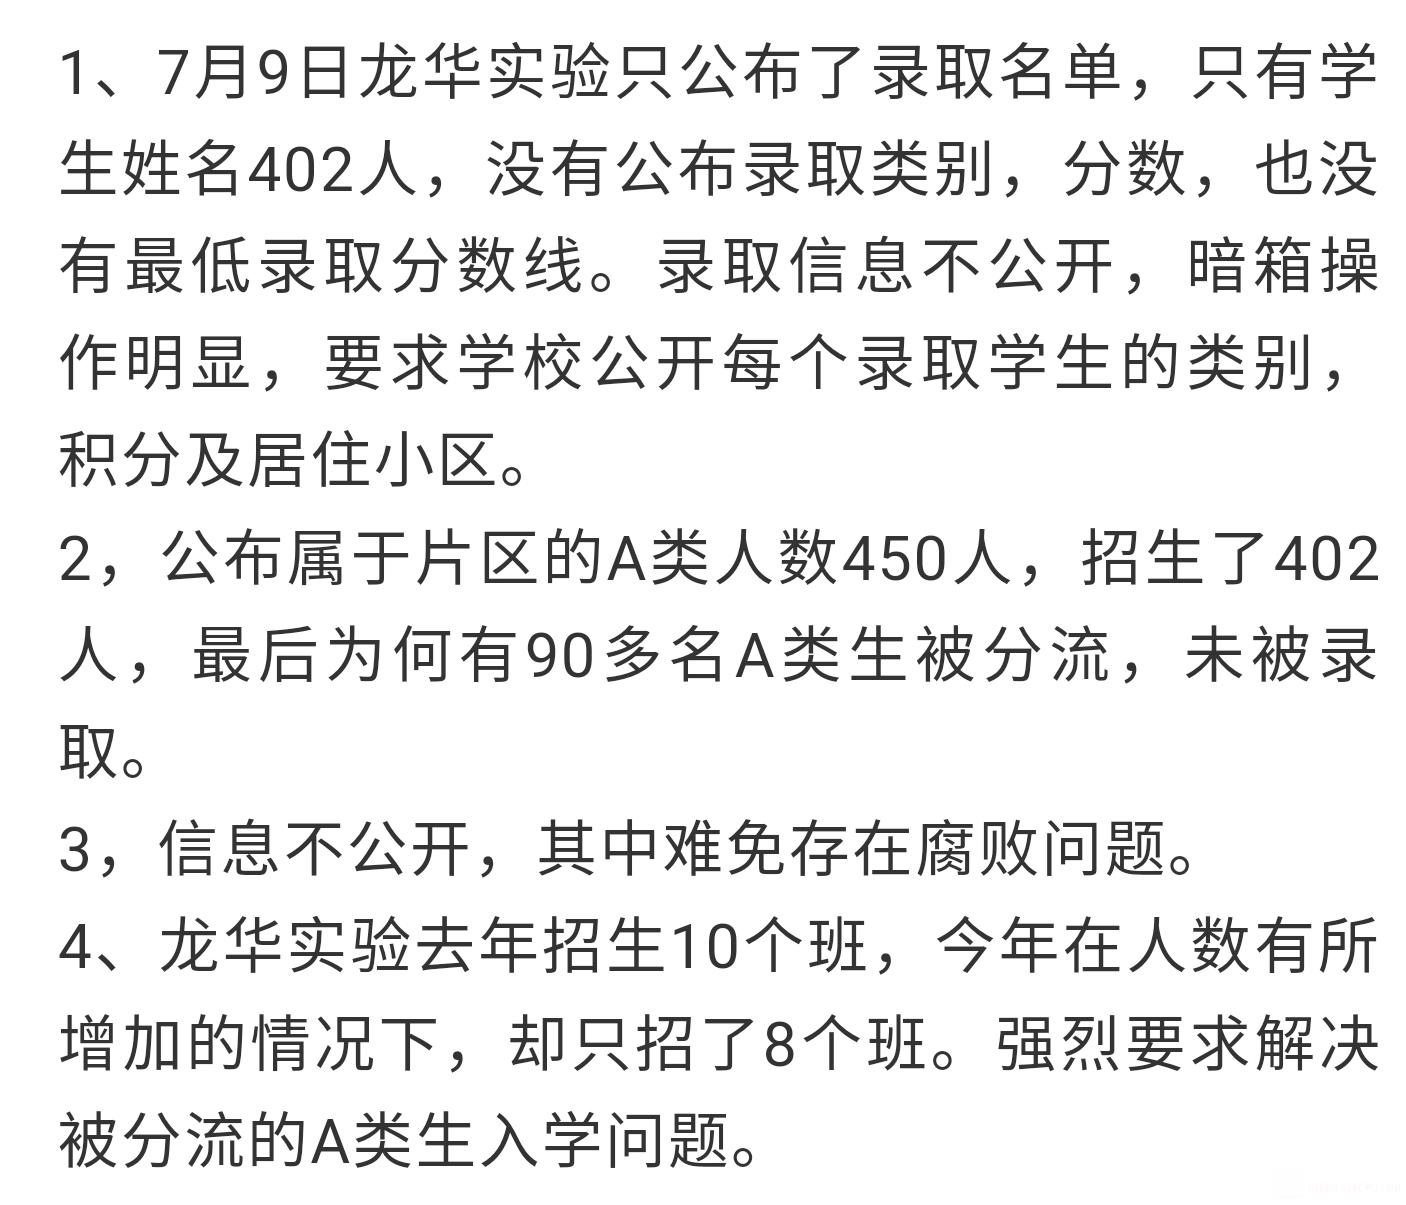 Screenshot_20190711_102549_com.tencent.mm.png